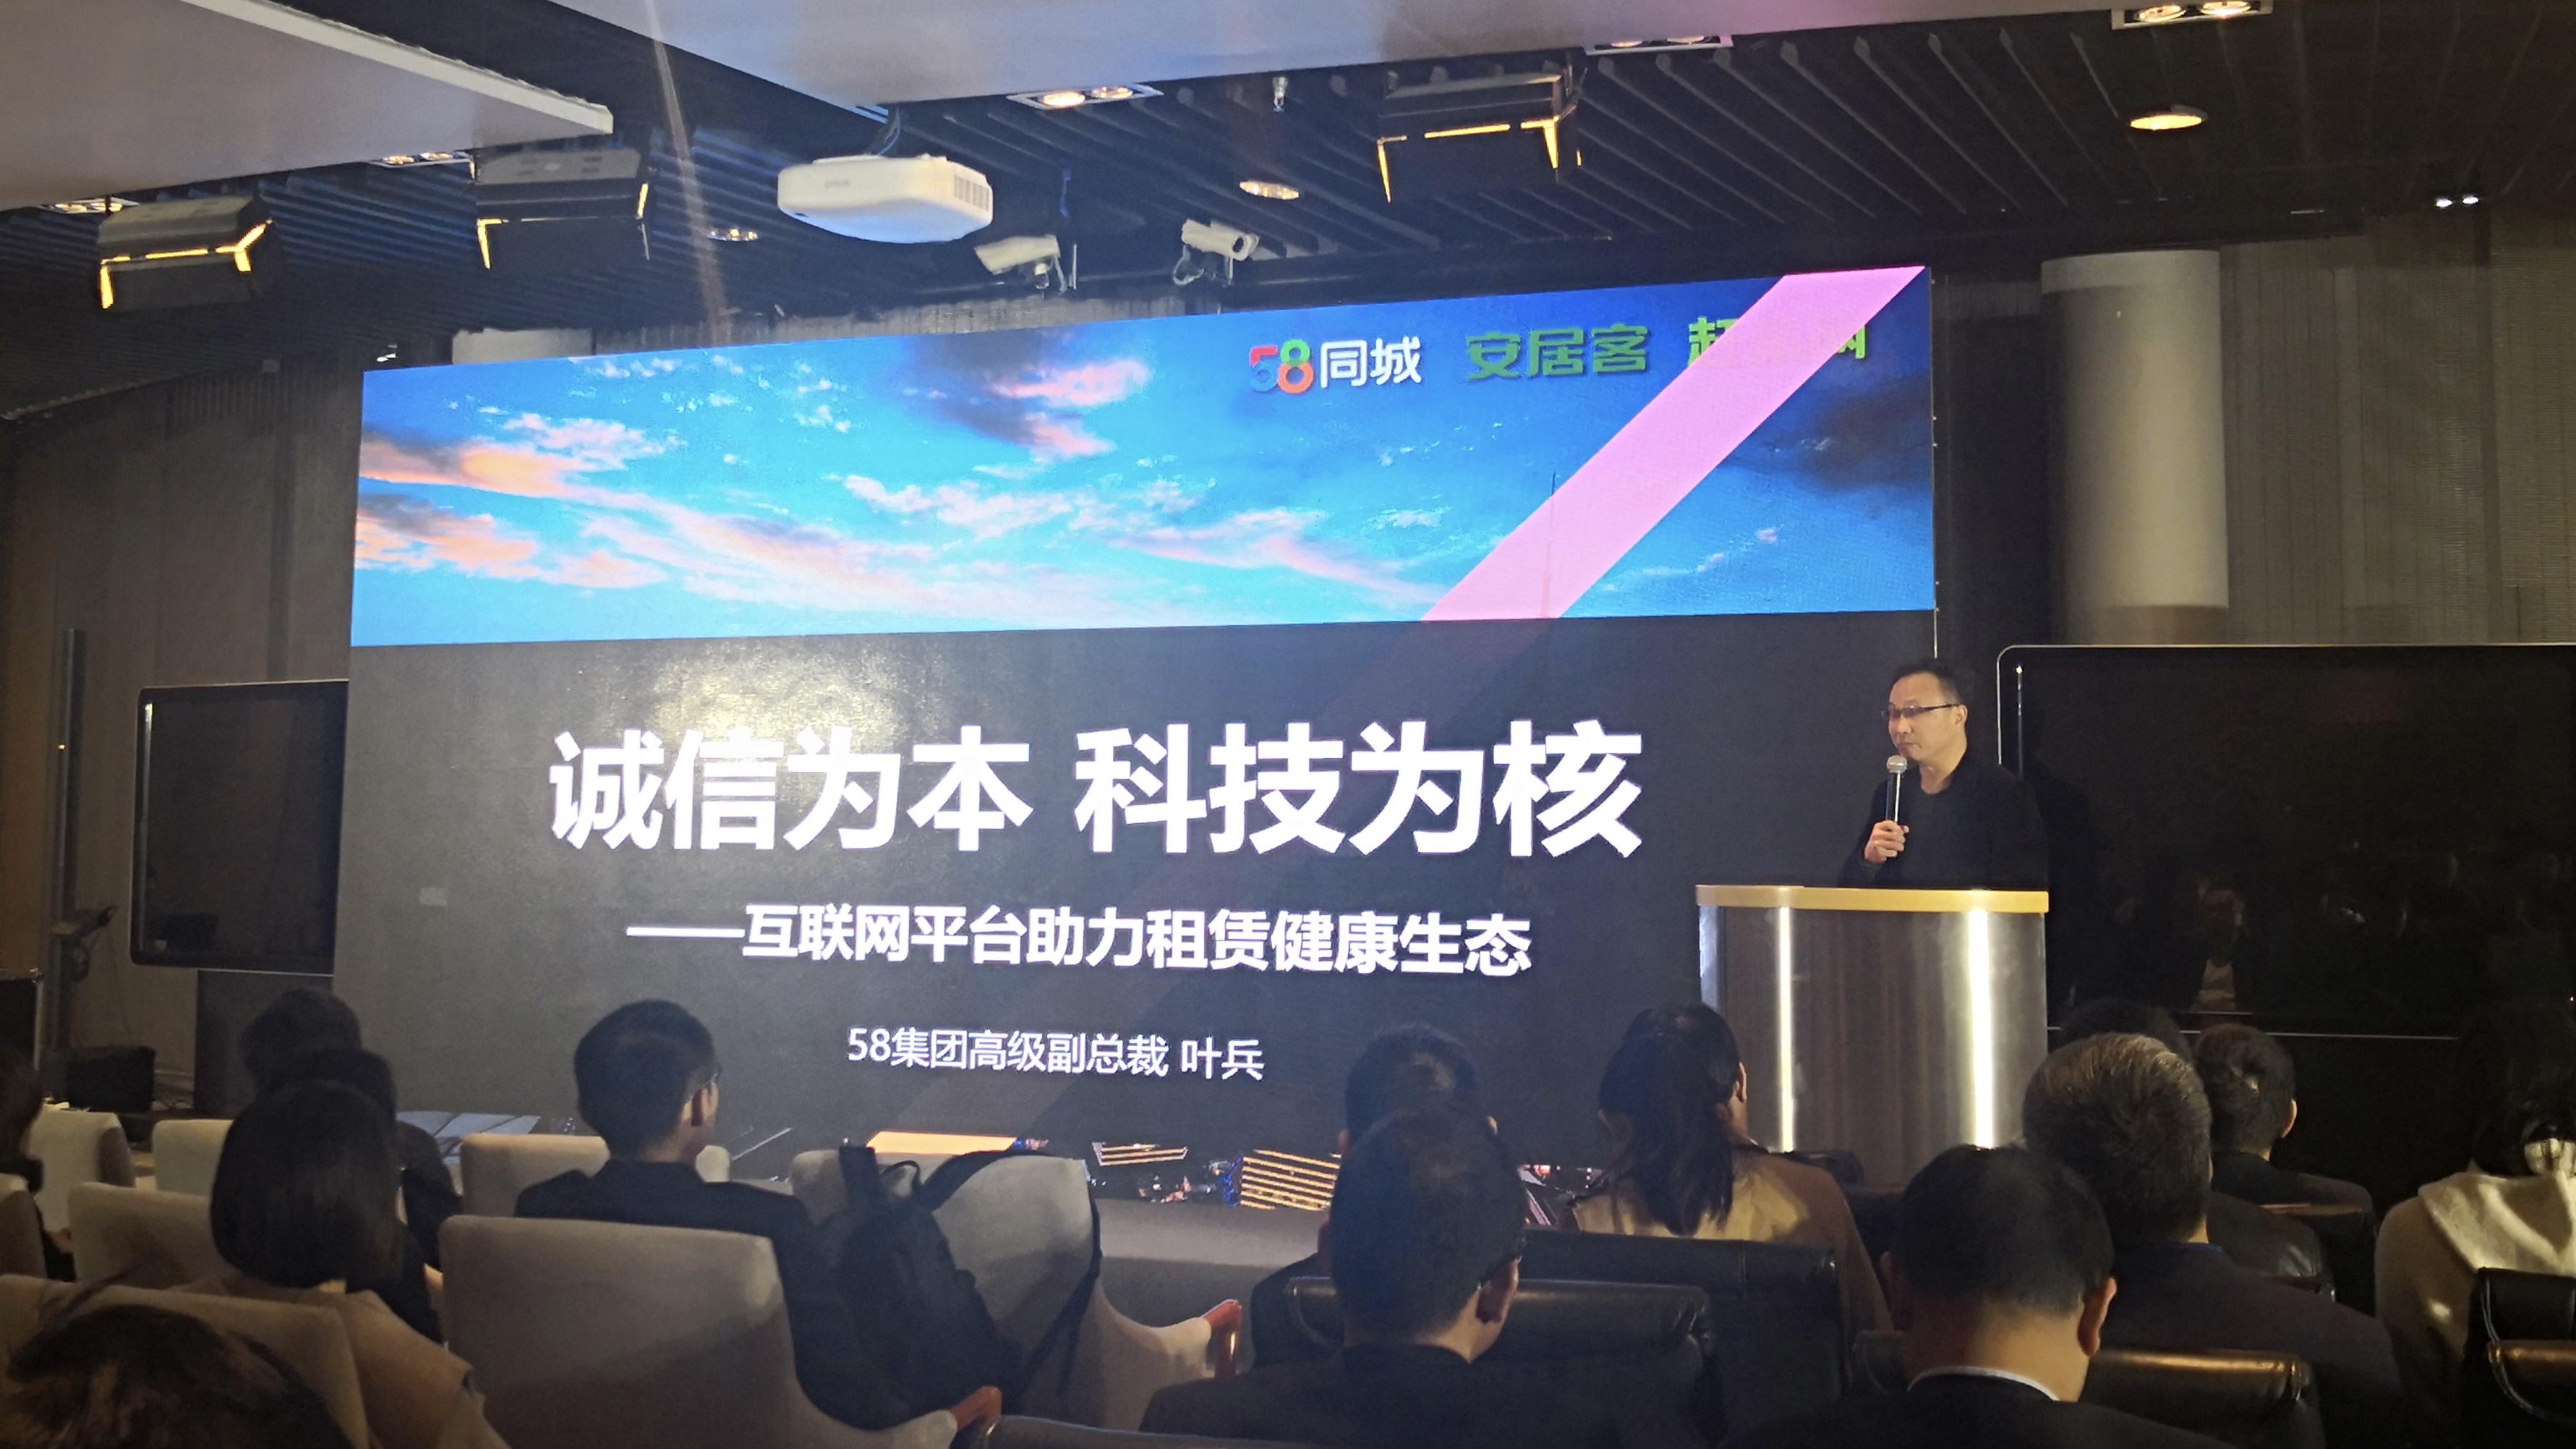 58集团叶兵上海房屋租赁诚信联盟演讲:科技赋能驱动服务体验升级